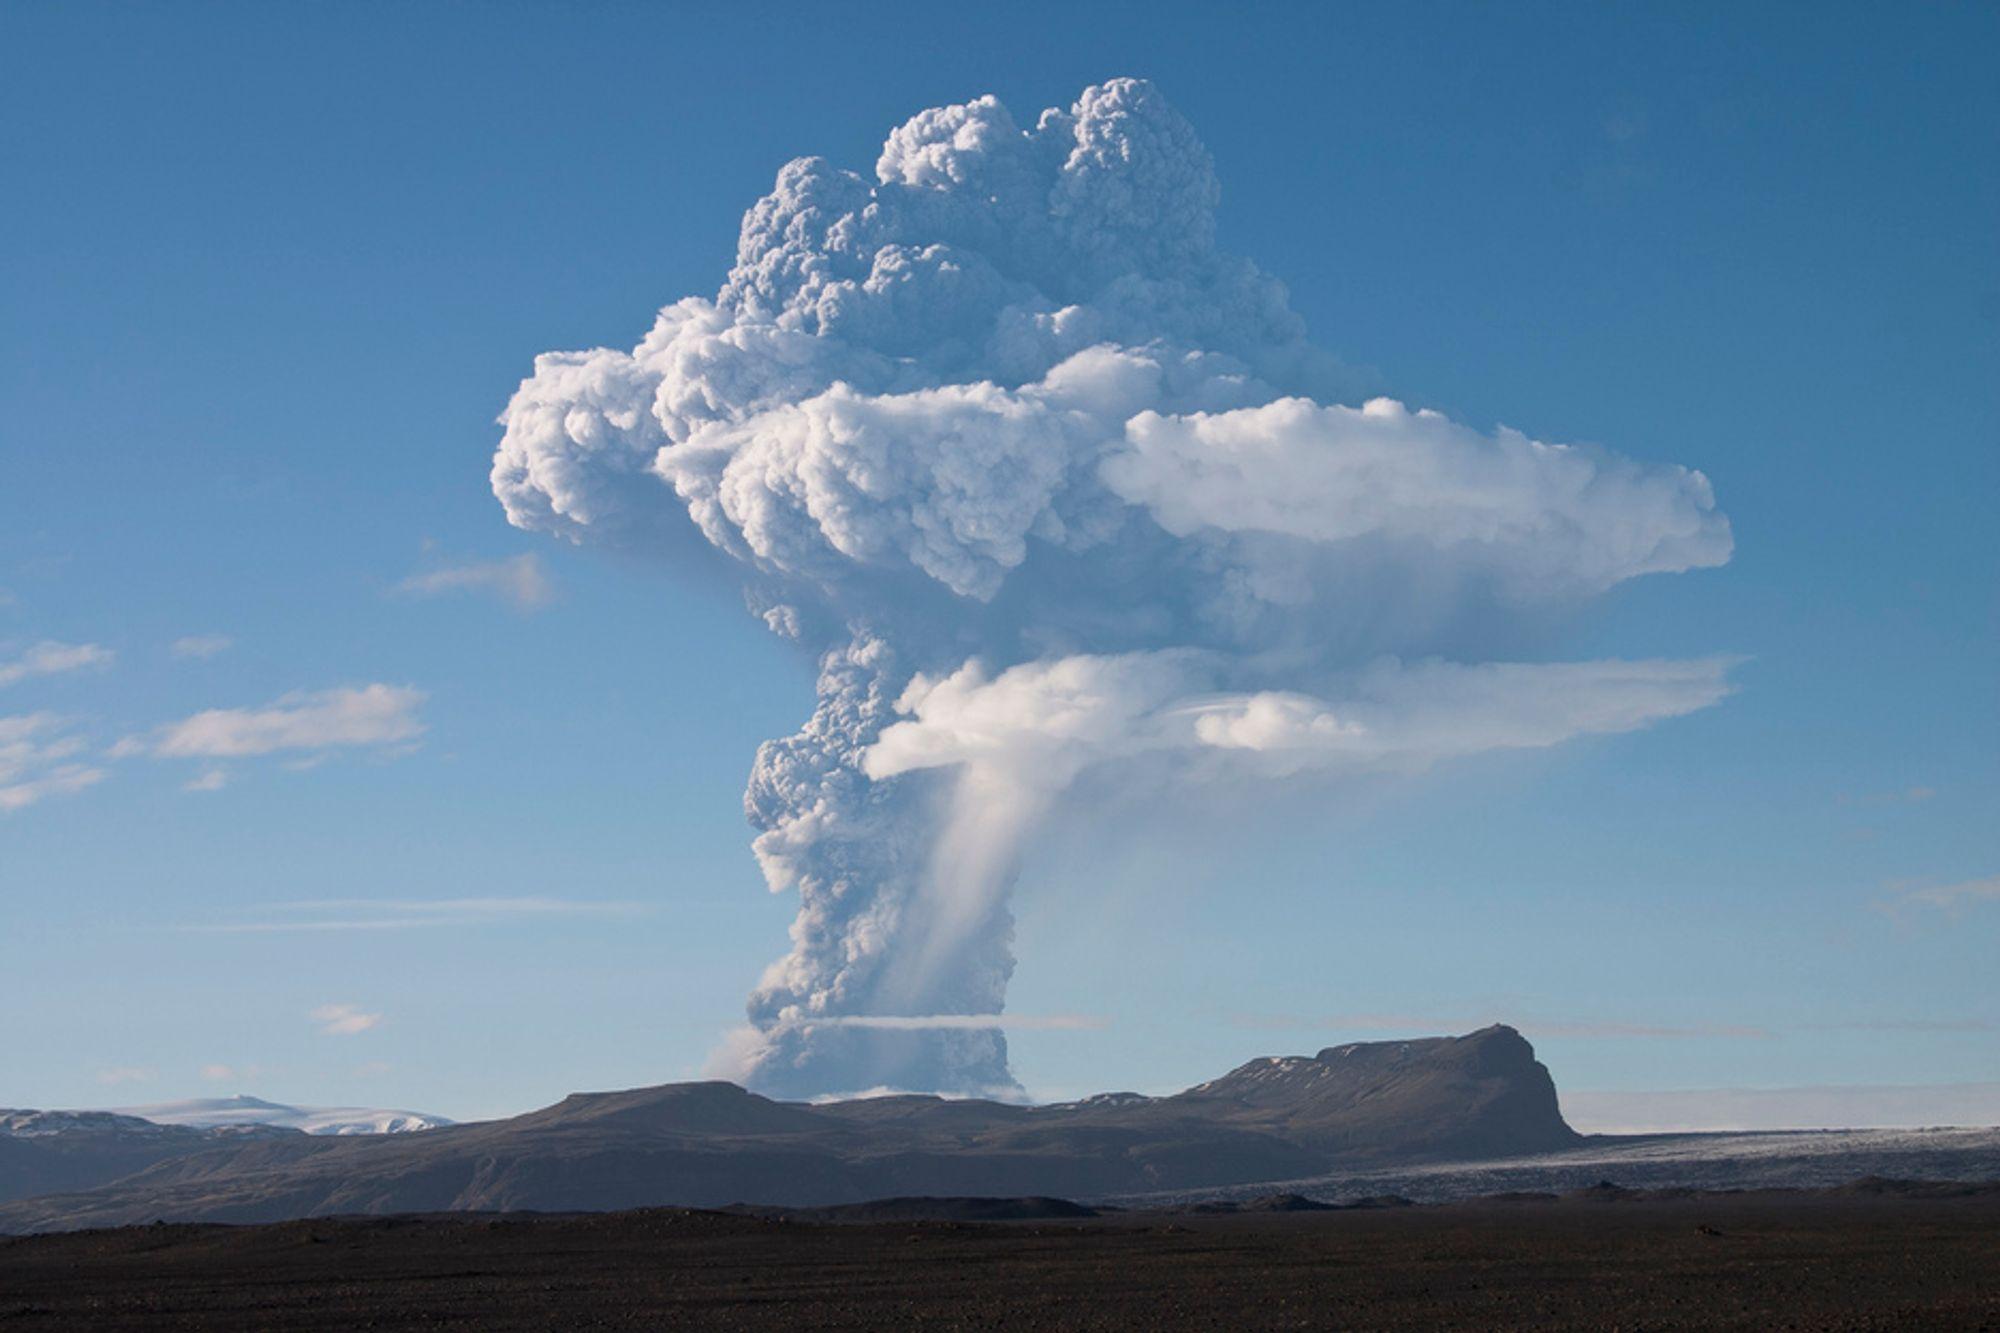 UTBRUDD: Røyk stiger fra vulkanen Grimsvötn under Vatnajökull på Island.